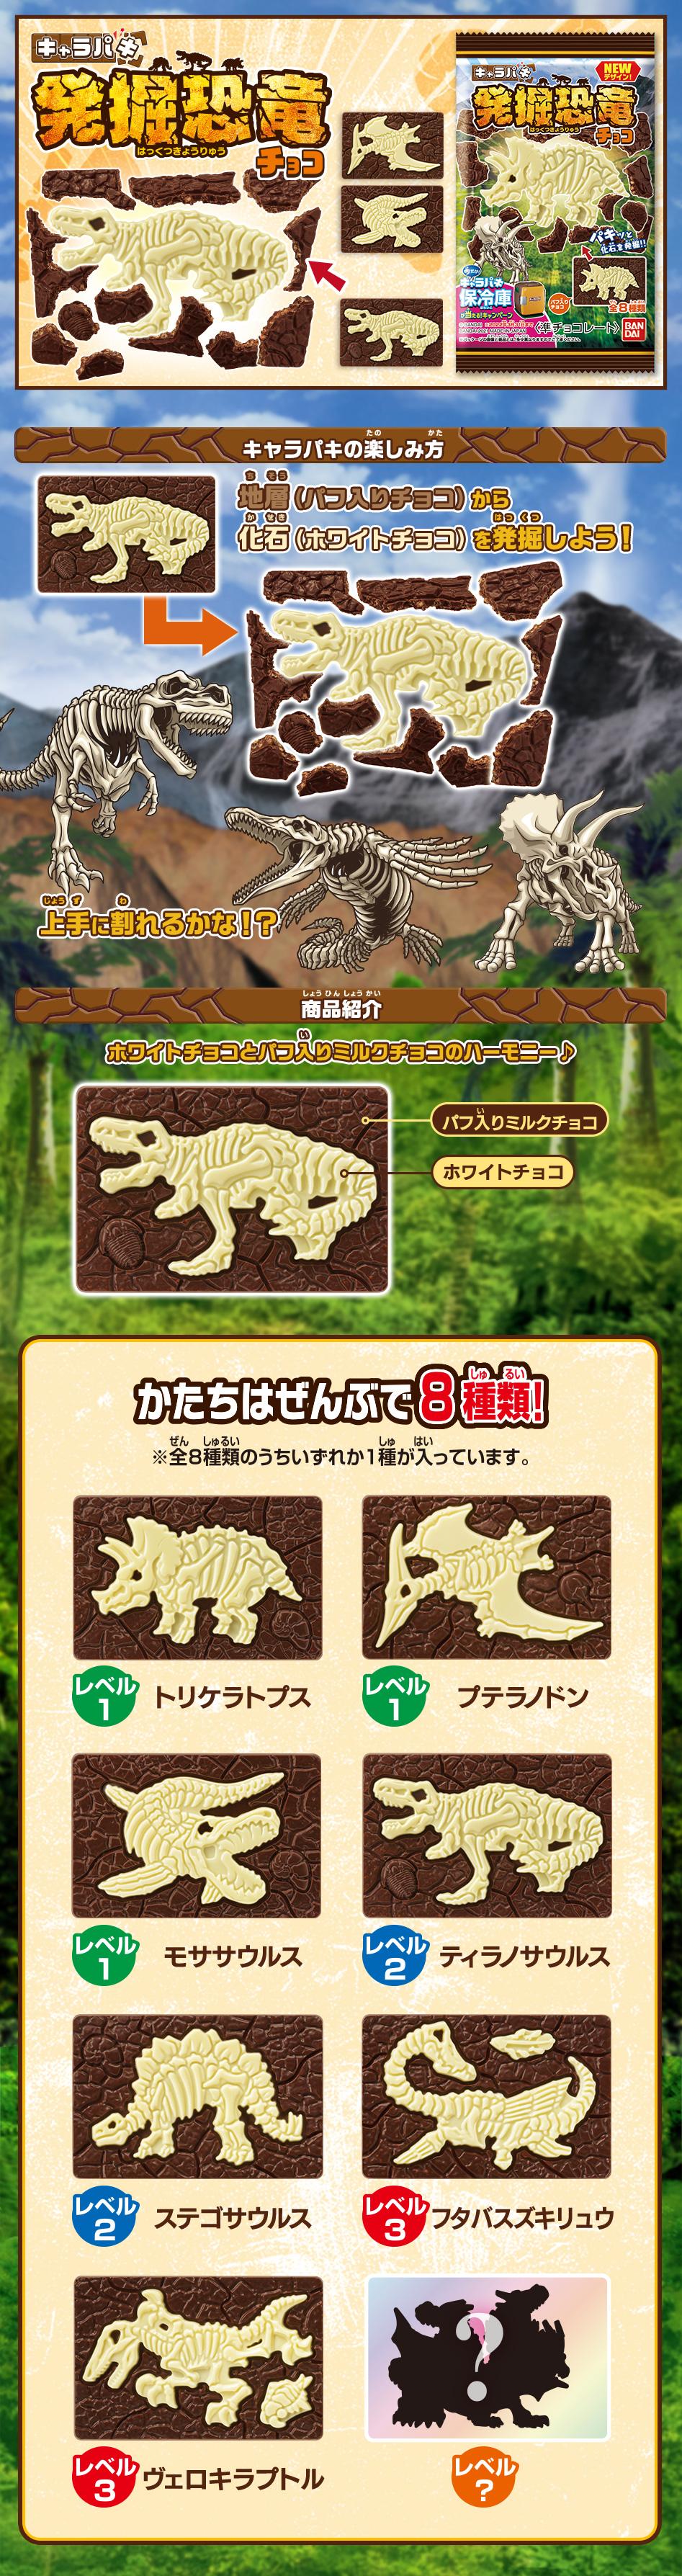 キャラパキ 恐竜発掘(2021年9月リニューアル)